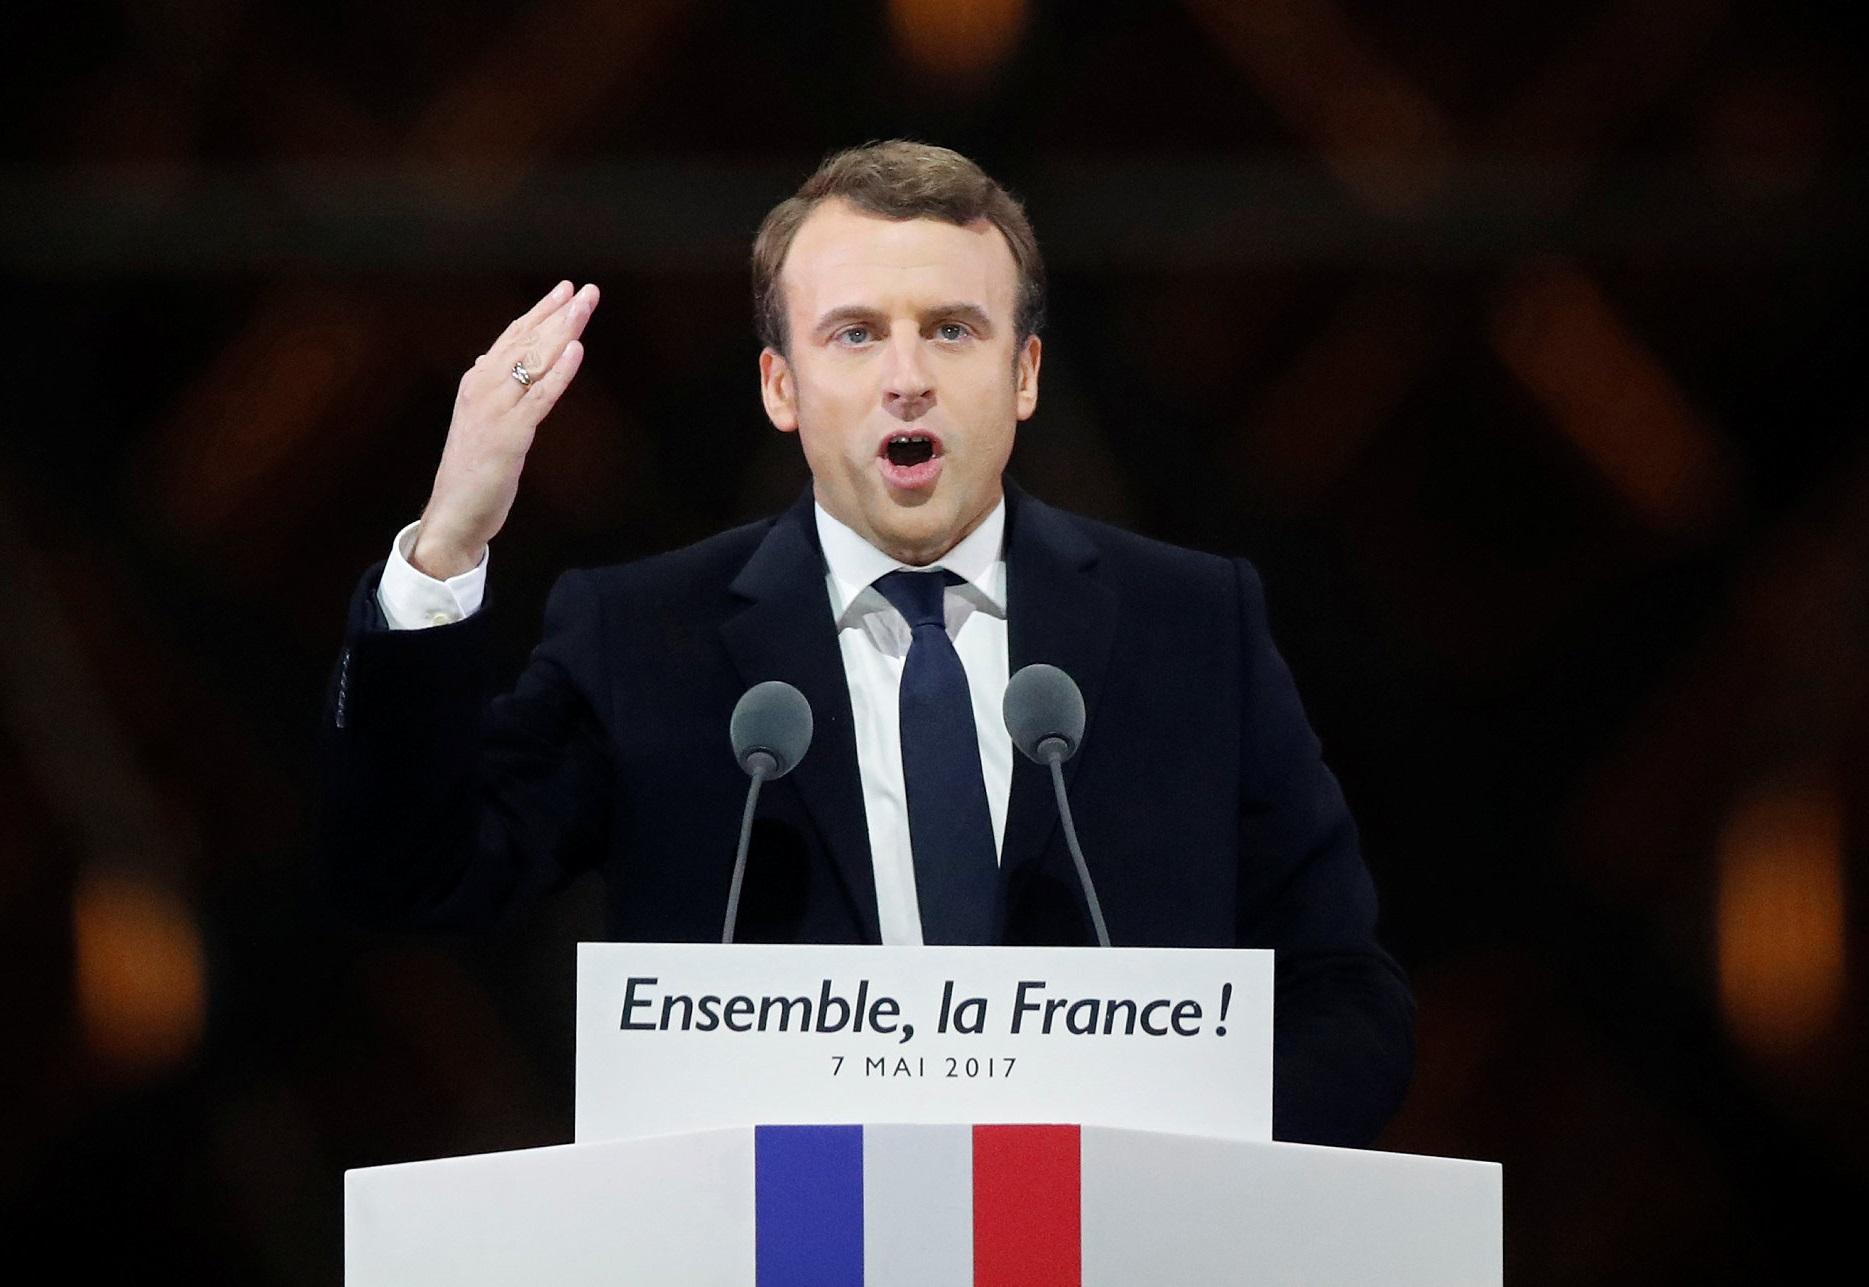 Dato final: Macron vence con 66.1 por ciento a Le Pen